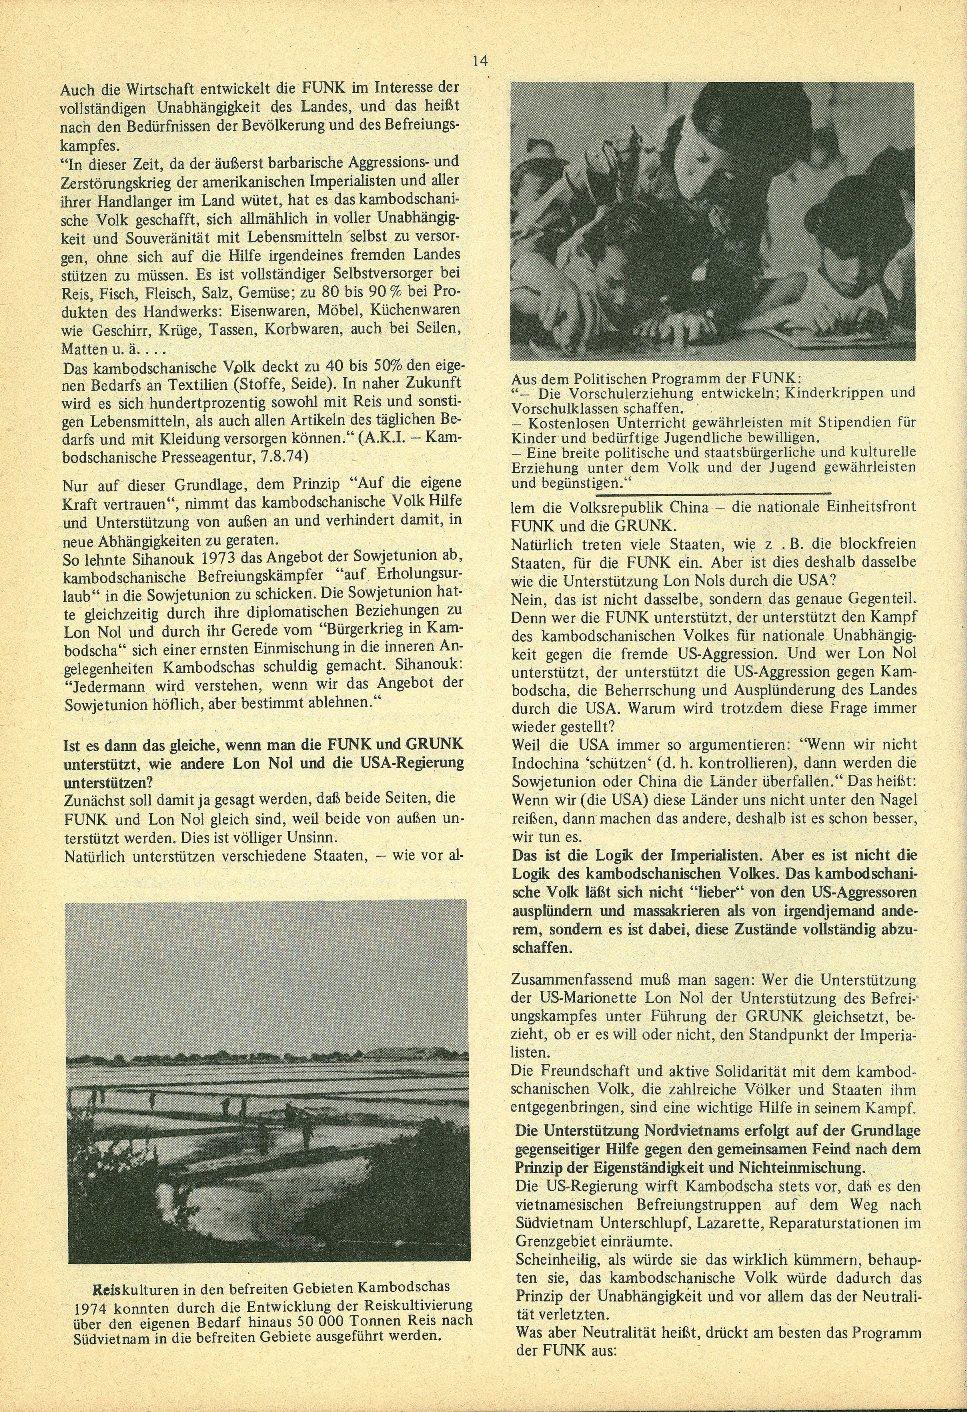 Kambodscha_1974_Das_Volk_besiegt_den_Imperialismus014